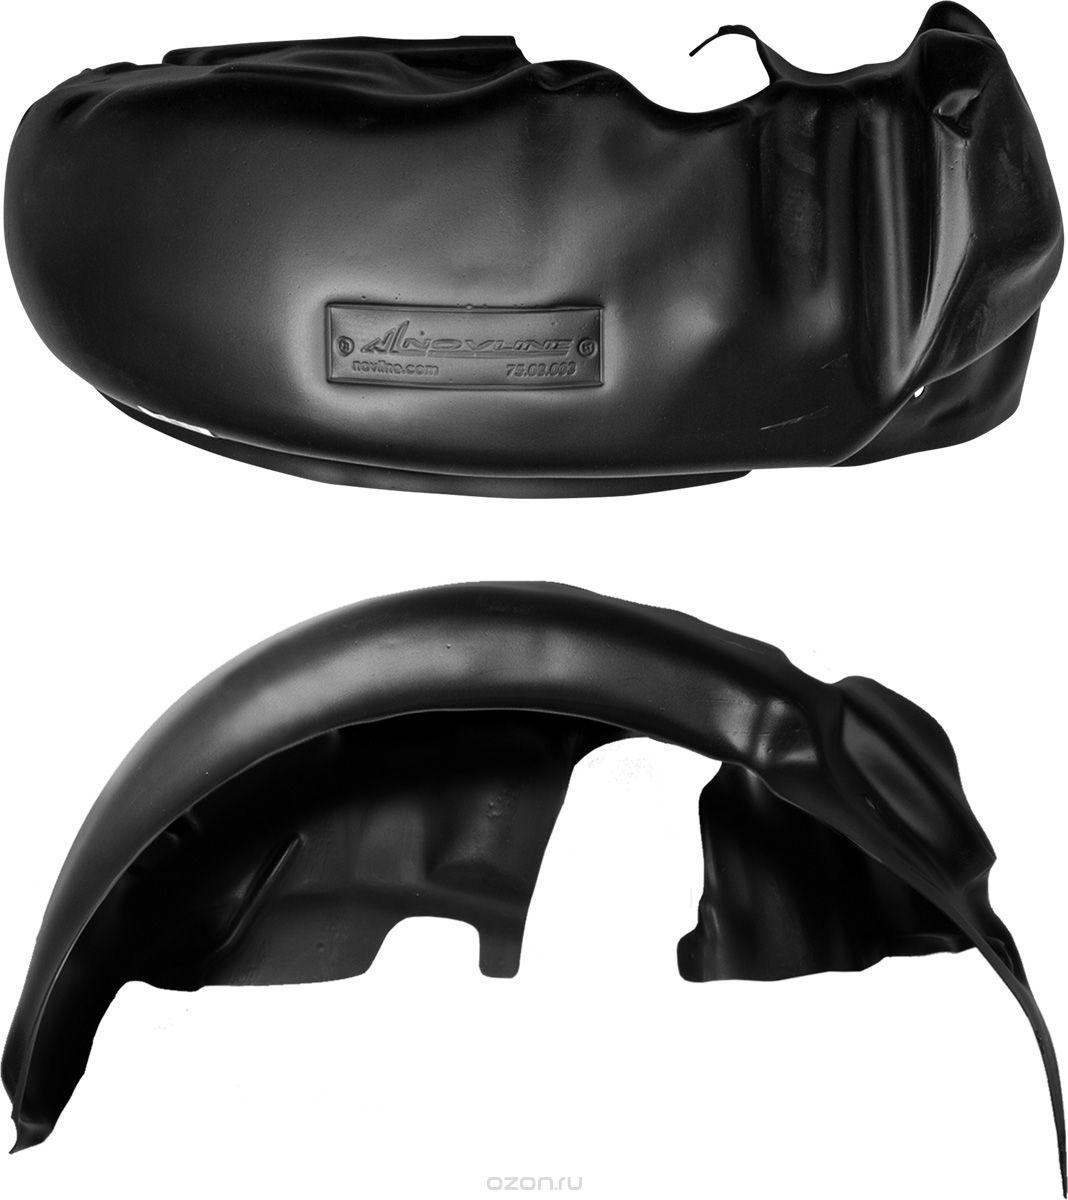 Подкрылок Novline-Autofamily, для Nissan Qashqai, J11F, 2015->, кроссовер, задний левыйNLL.36.50.003Идеальная защита колесной ниши. Локеры разработаны с применением цифровых технологий, гарантируют максимальную повторяемость поверхности арки. Изделия устанавливаются без нарушения лакокрасочного покрытия автомобиля, каждый подкрылок комплектуется крепежом. Уважаемые клиенты, обращаем ваше внимание, что фотографии на подкрылки универсальные и не отражают реальную форму изделия. При этом само изделие идет точно под размер указанного автомобиля.